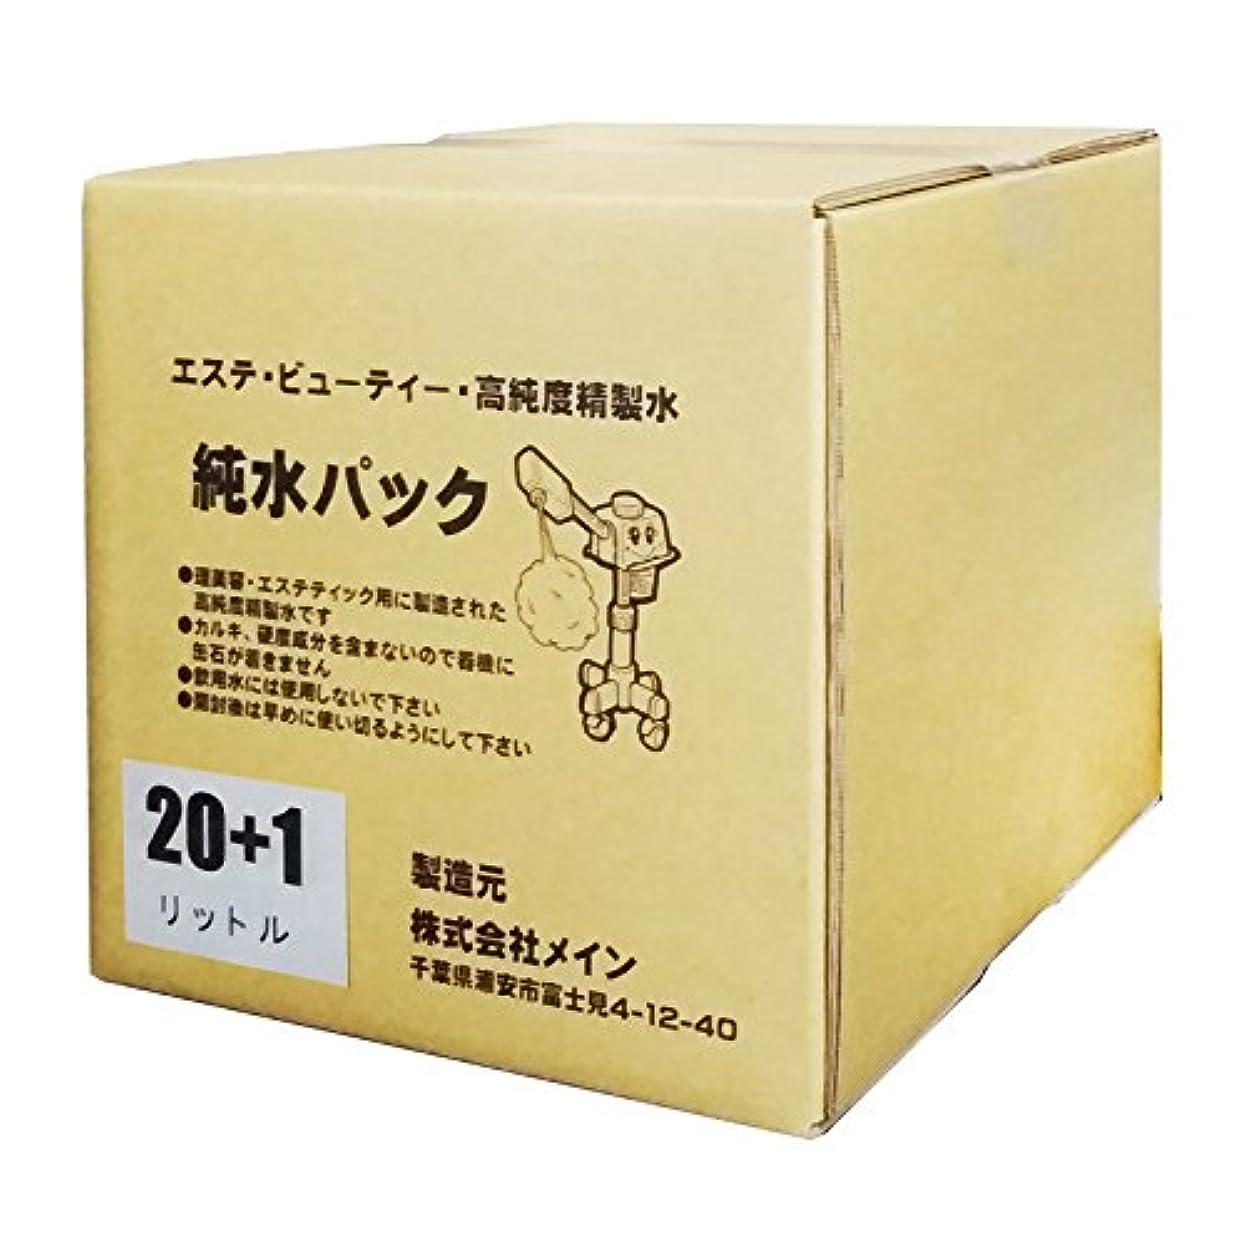 勢い不器用知覚できる増量中 21L 高純度 精製水 20 L + 1L 純水パック コック付 日本製 エステ スチーマー (1個)